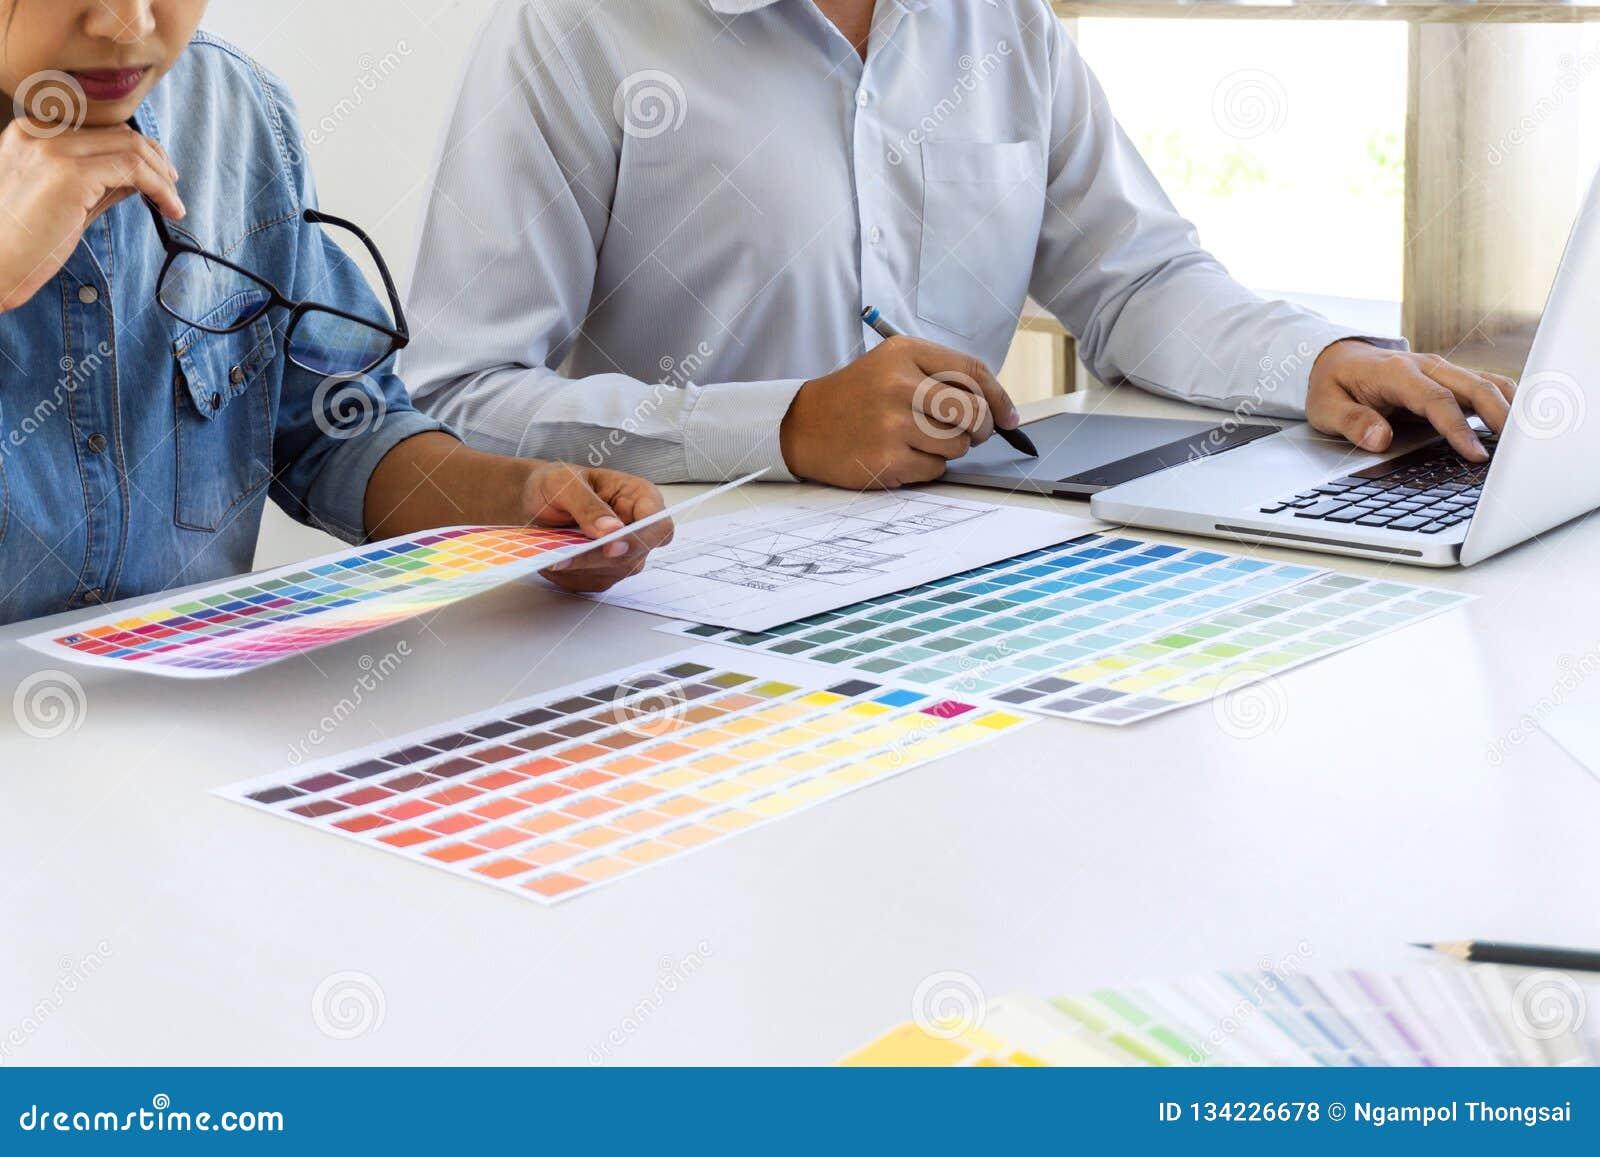 Equipo de dibujo del diseñador gráfico del colega y de imagen que retoca en la tableta de gráficos y elegir las muestras de la mu